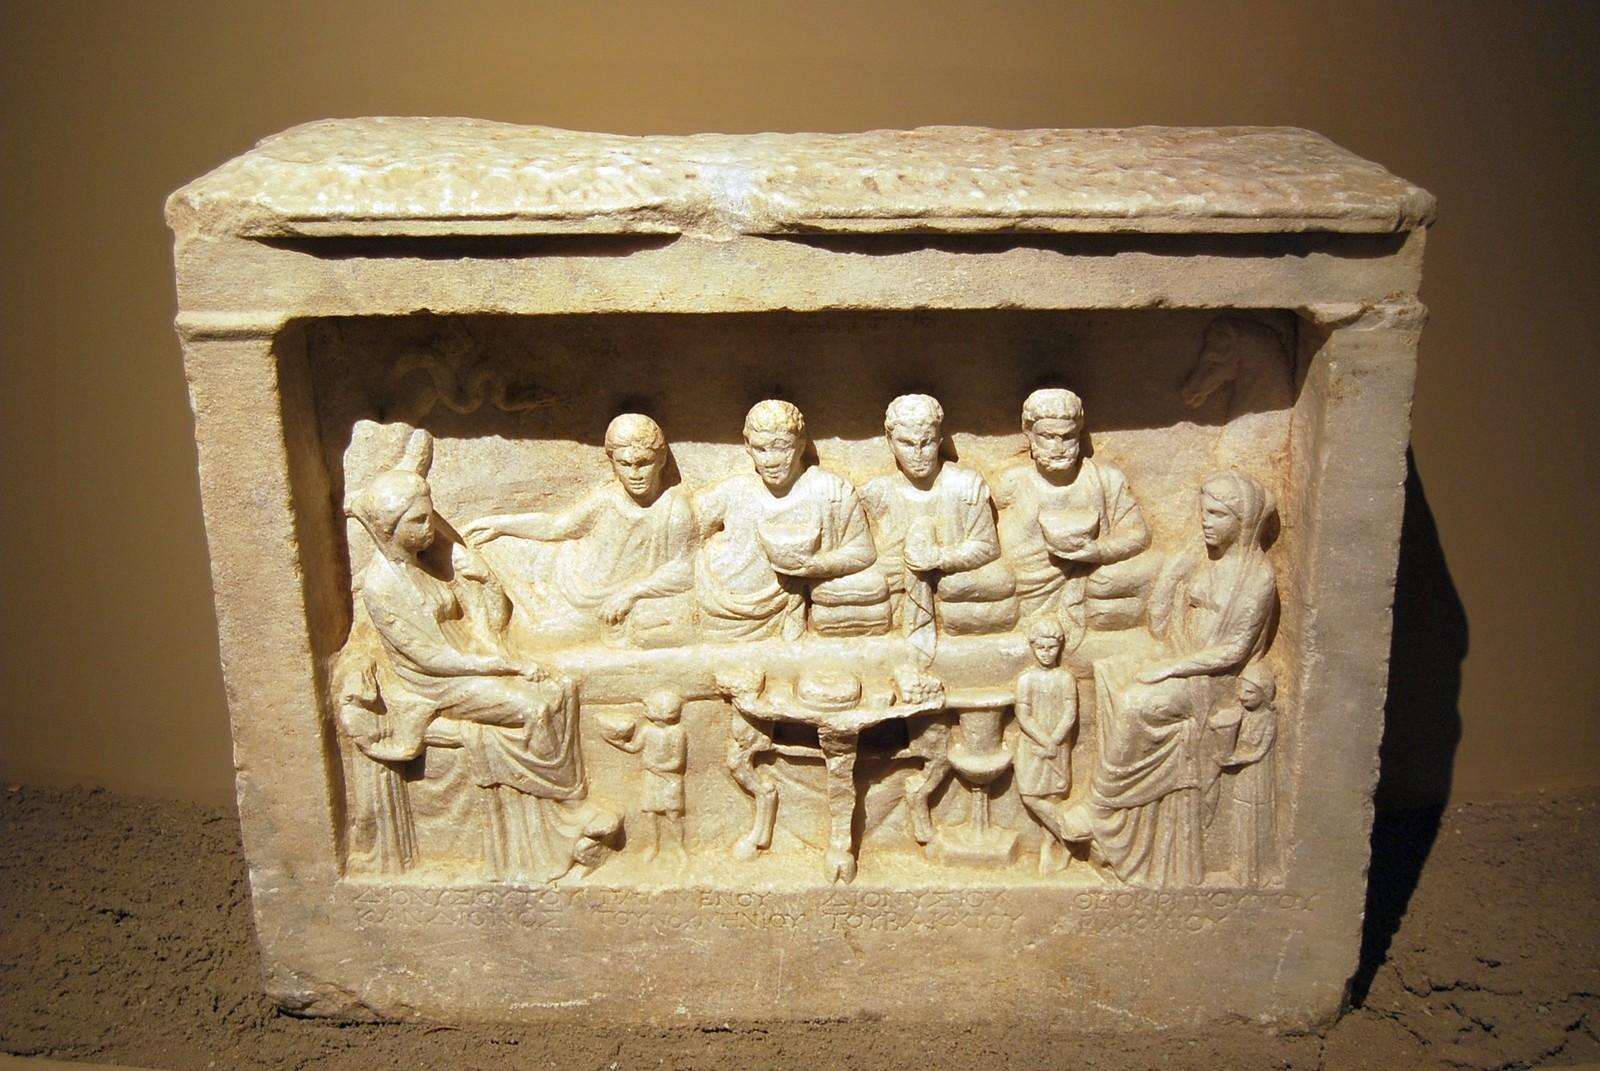 İstanbul Müzesi, Geç Helenistik Dönem'de Cyzicus'tan mermer garve steli